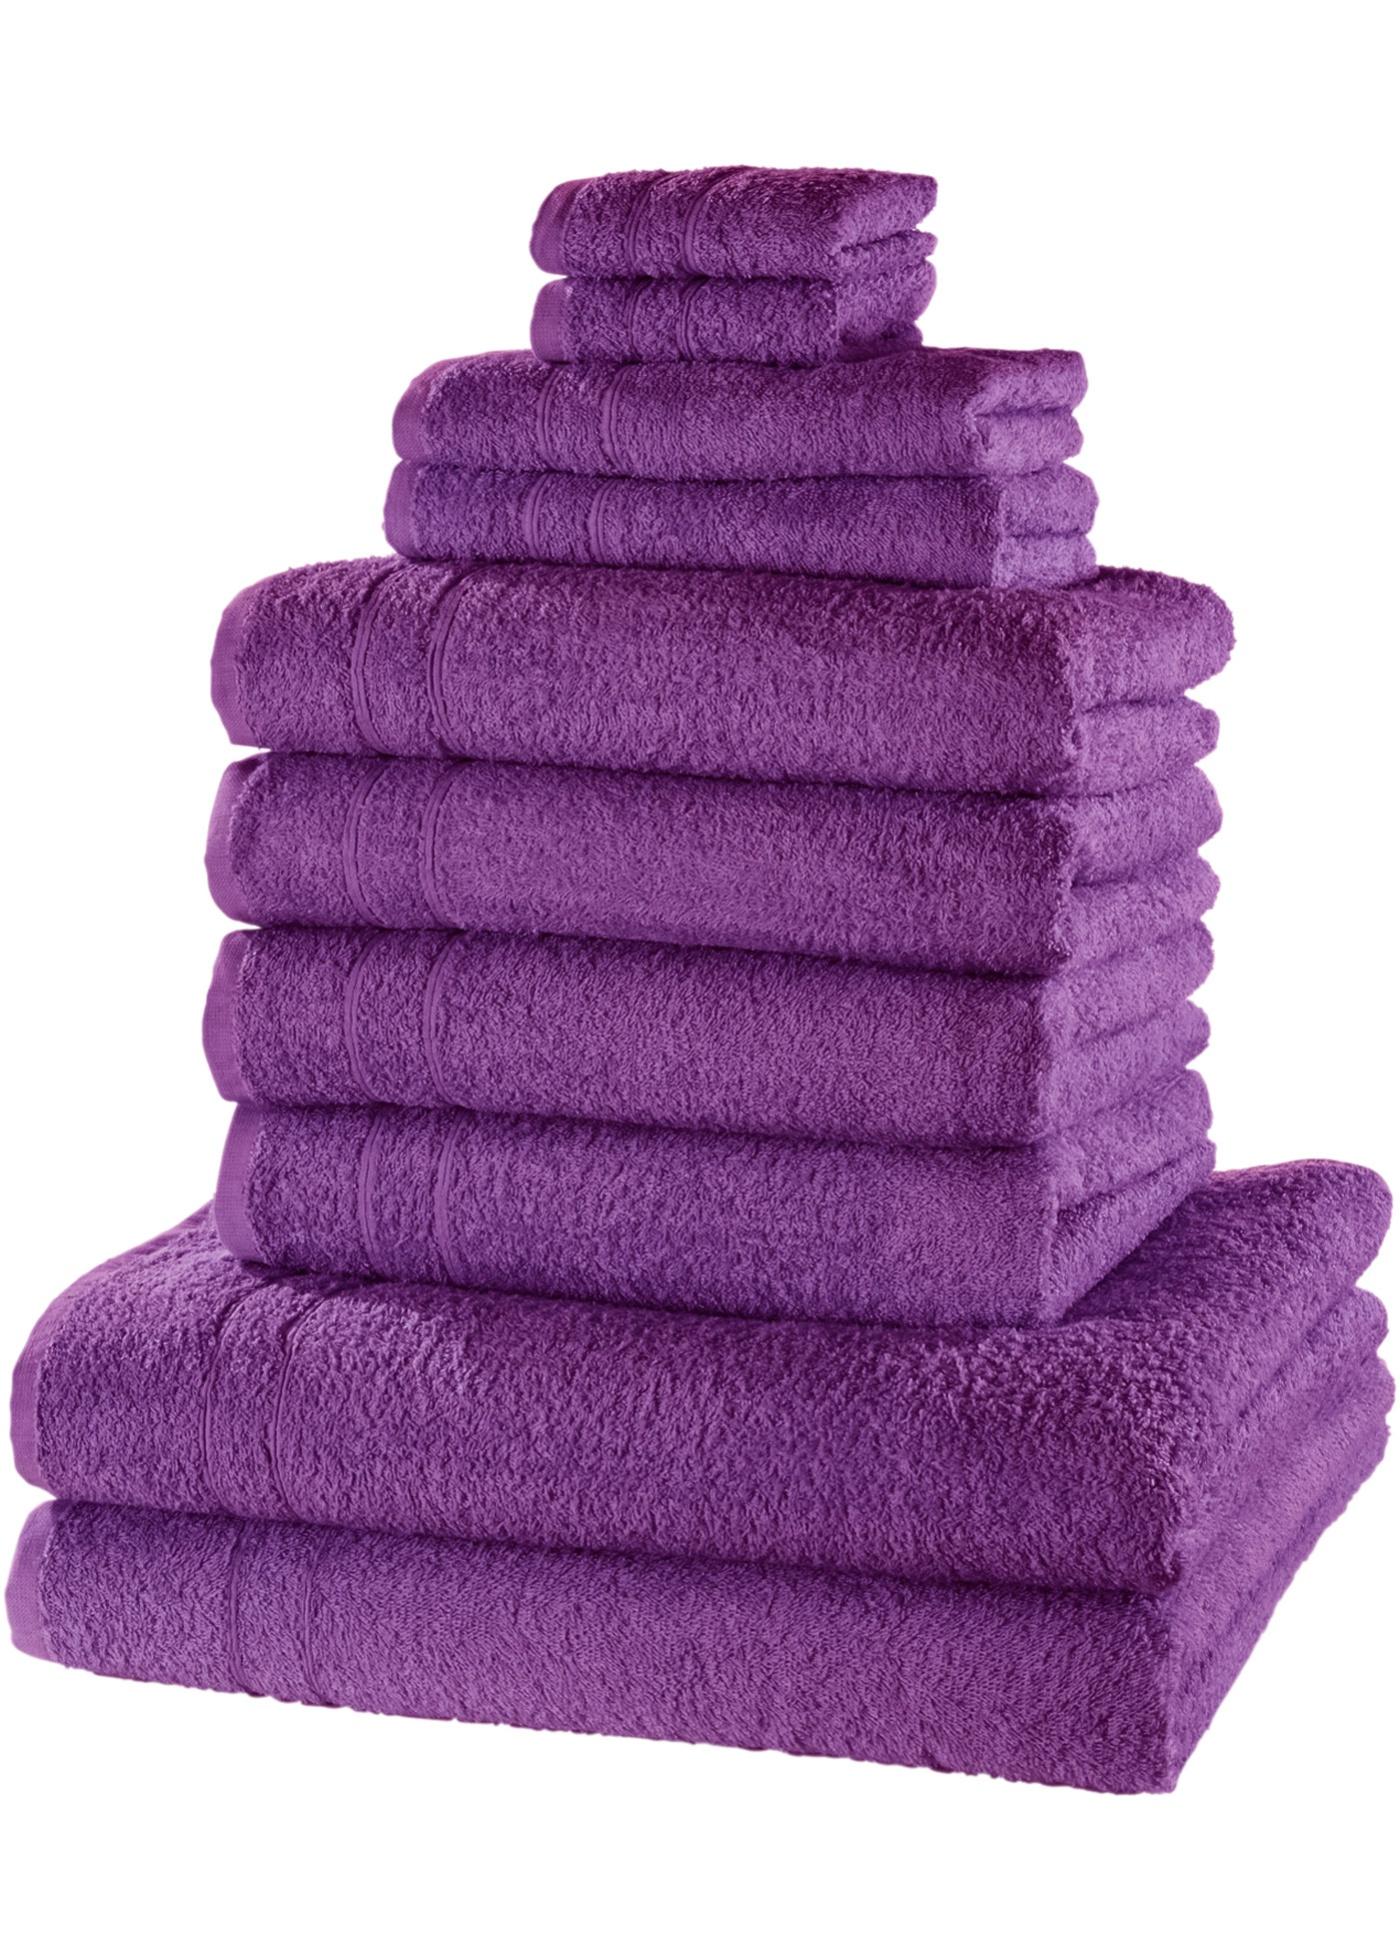 Handdoeken (10-dlg. set)